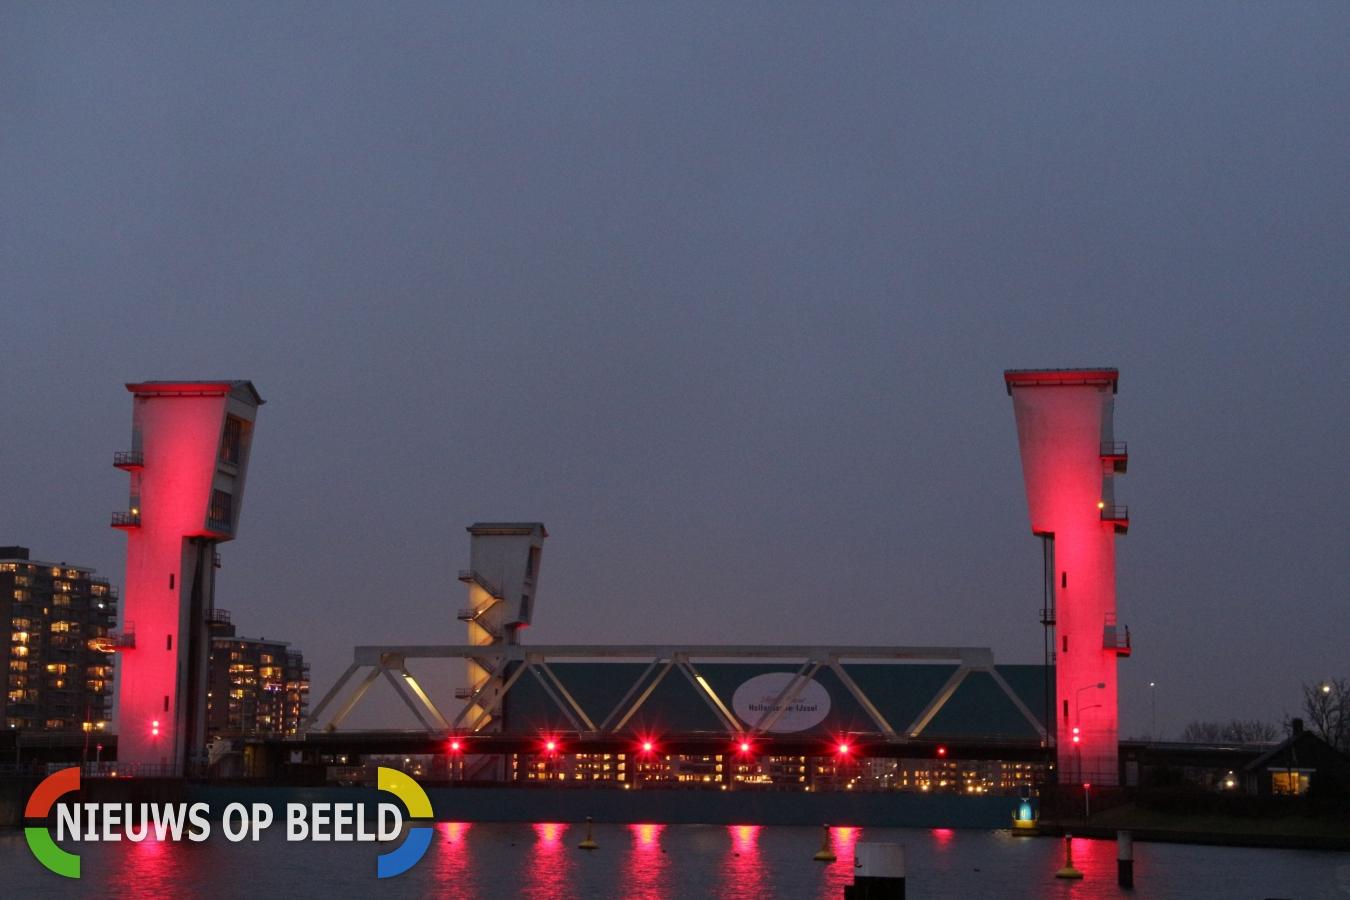 Hollandsche IJsselkering sluit vanwege hoge waterstanden en springtij (Video)